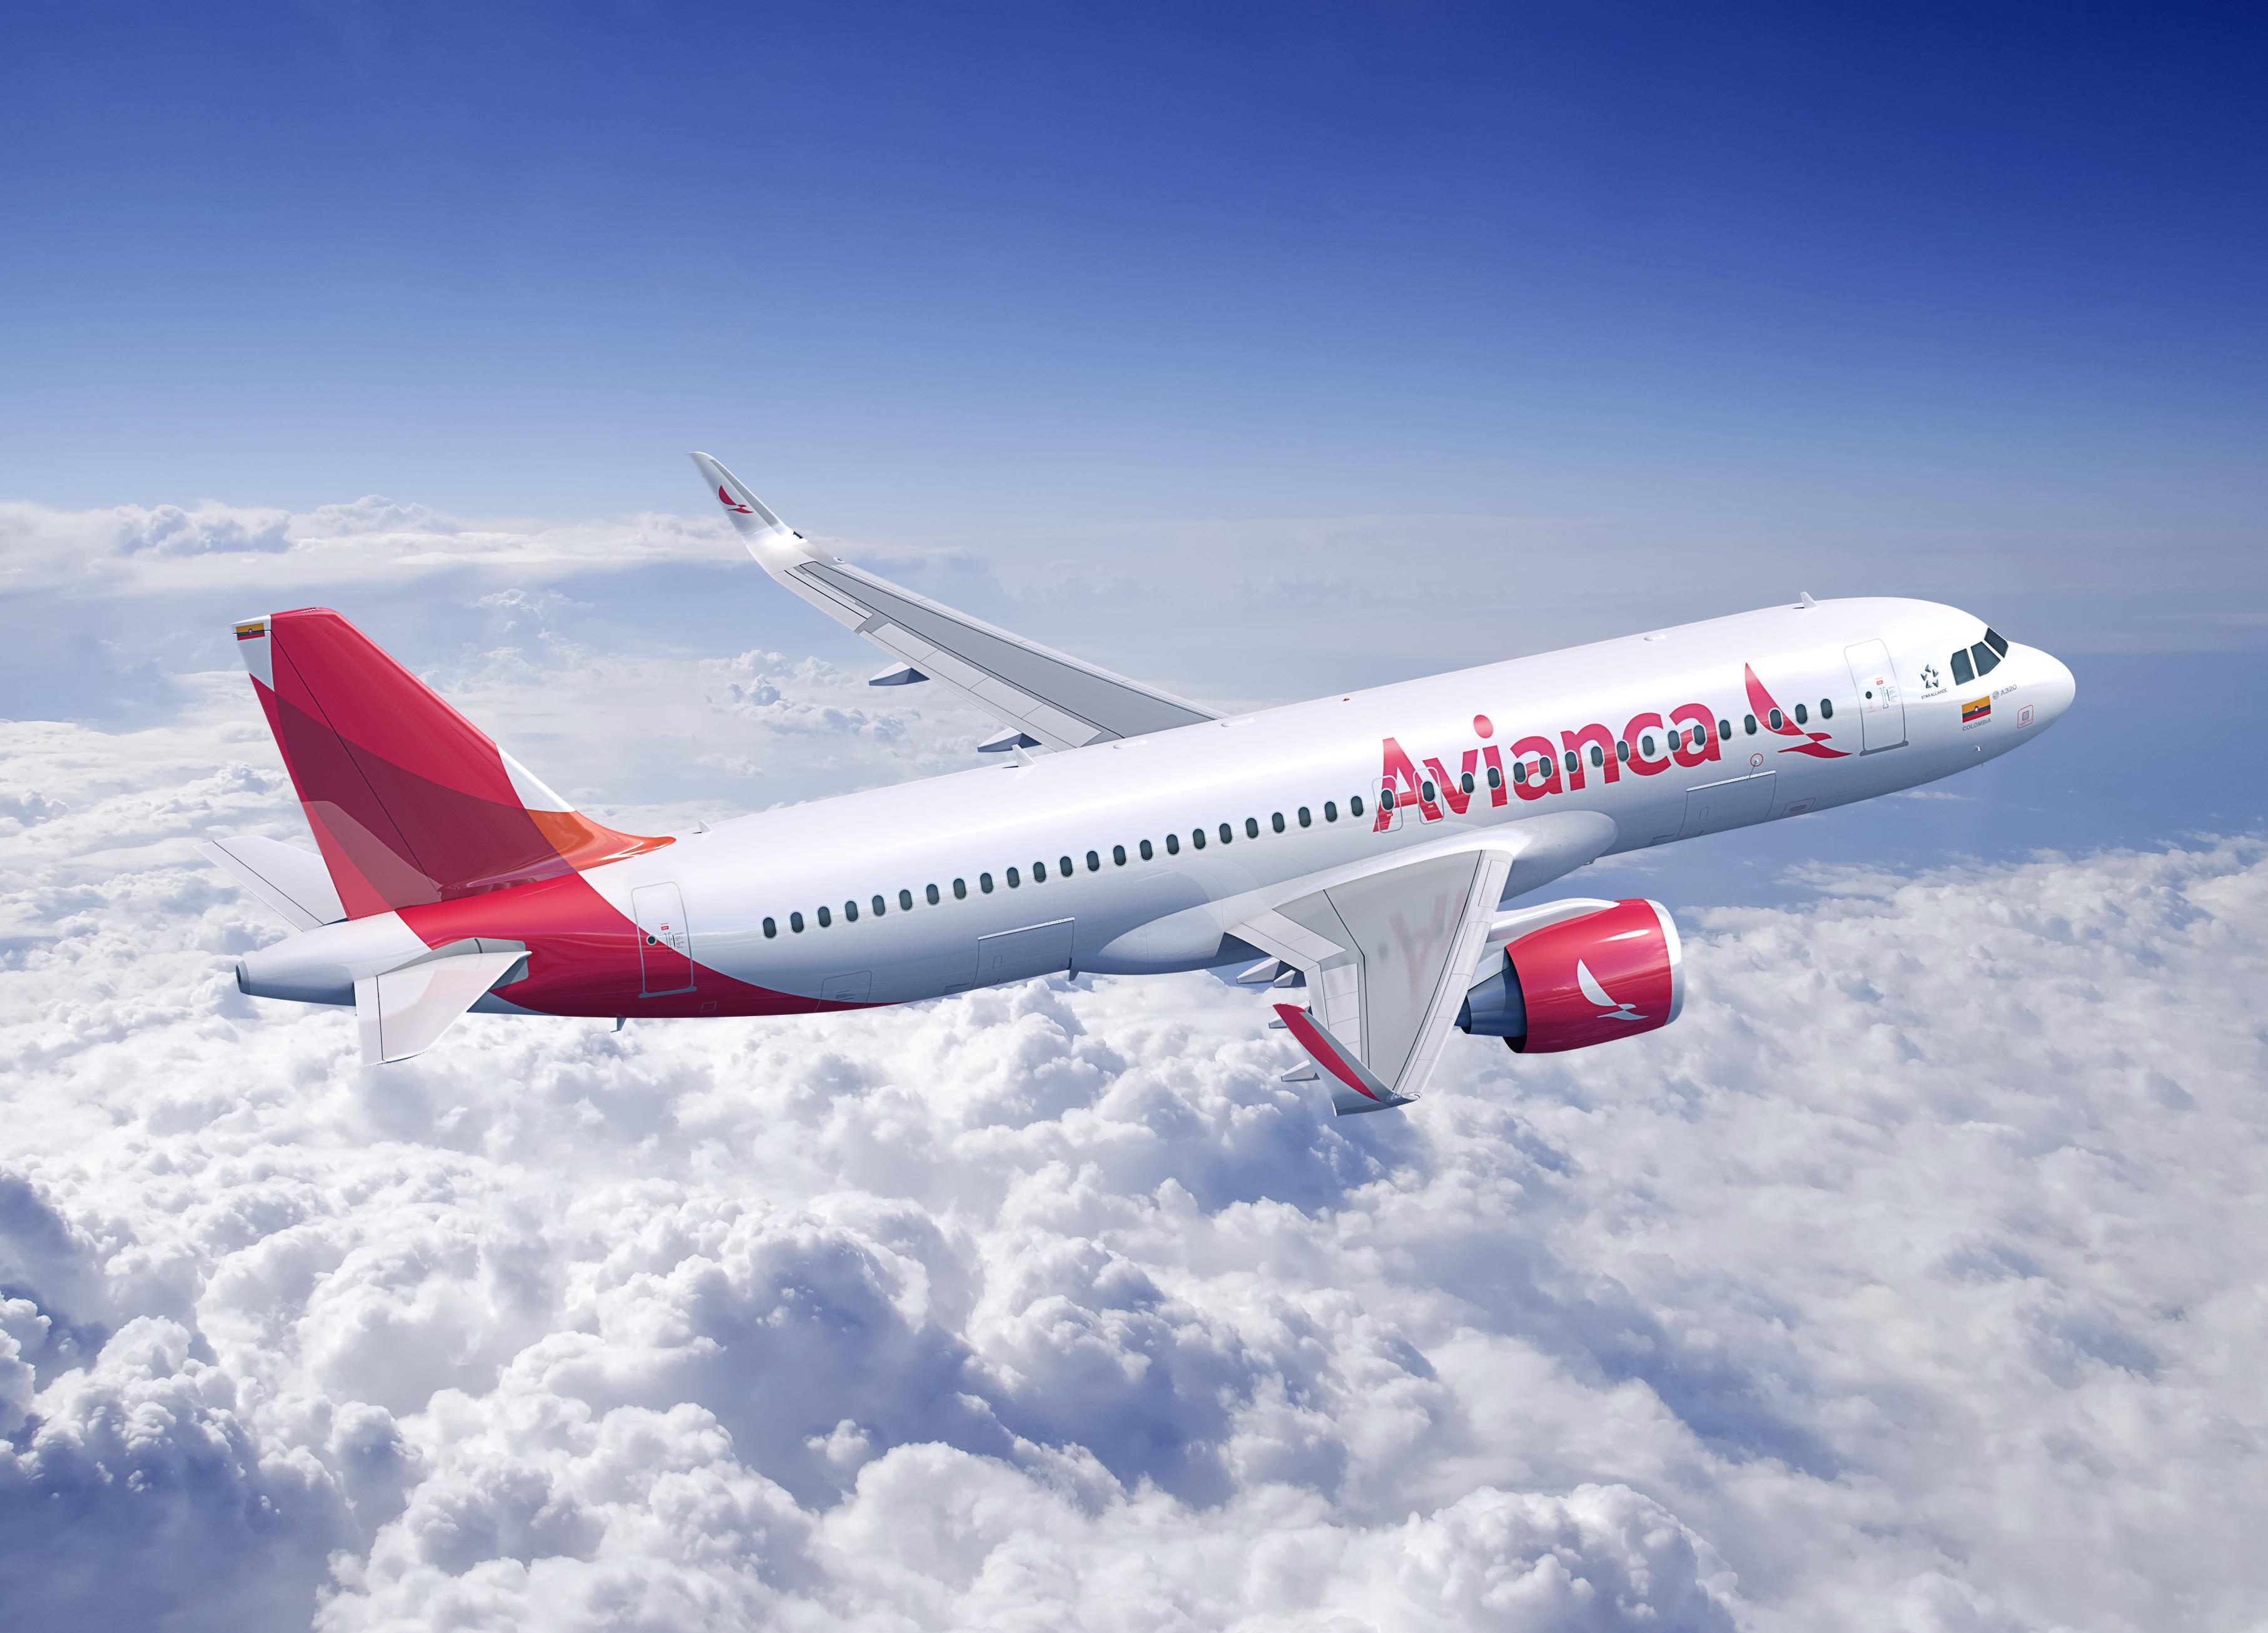 Kingsland respalda a Avianca con financiamiento a corto plazo por US$50 millones